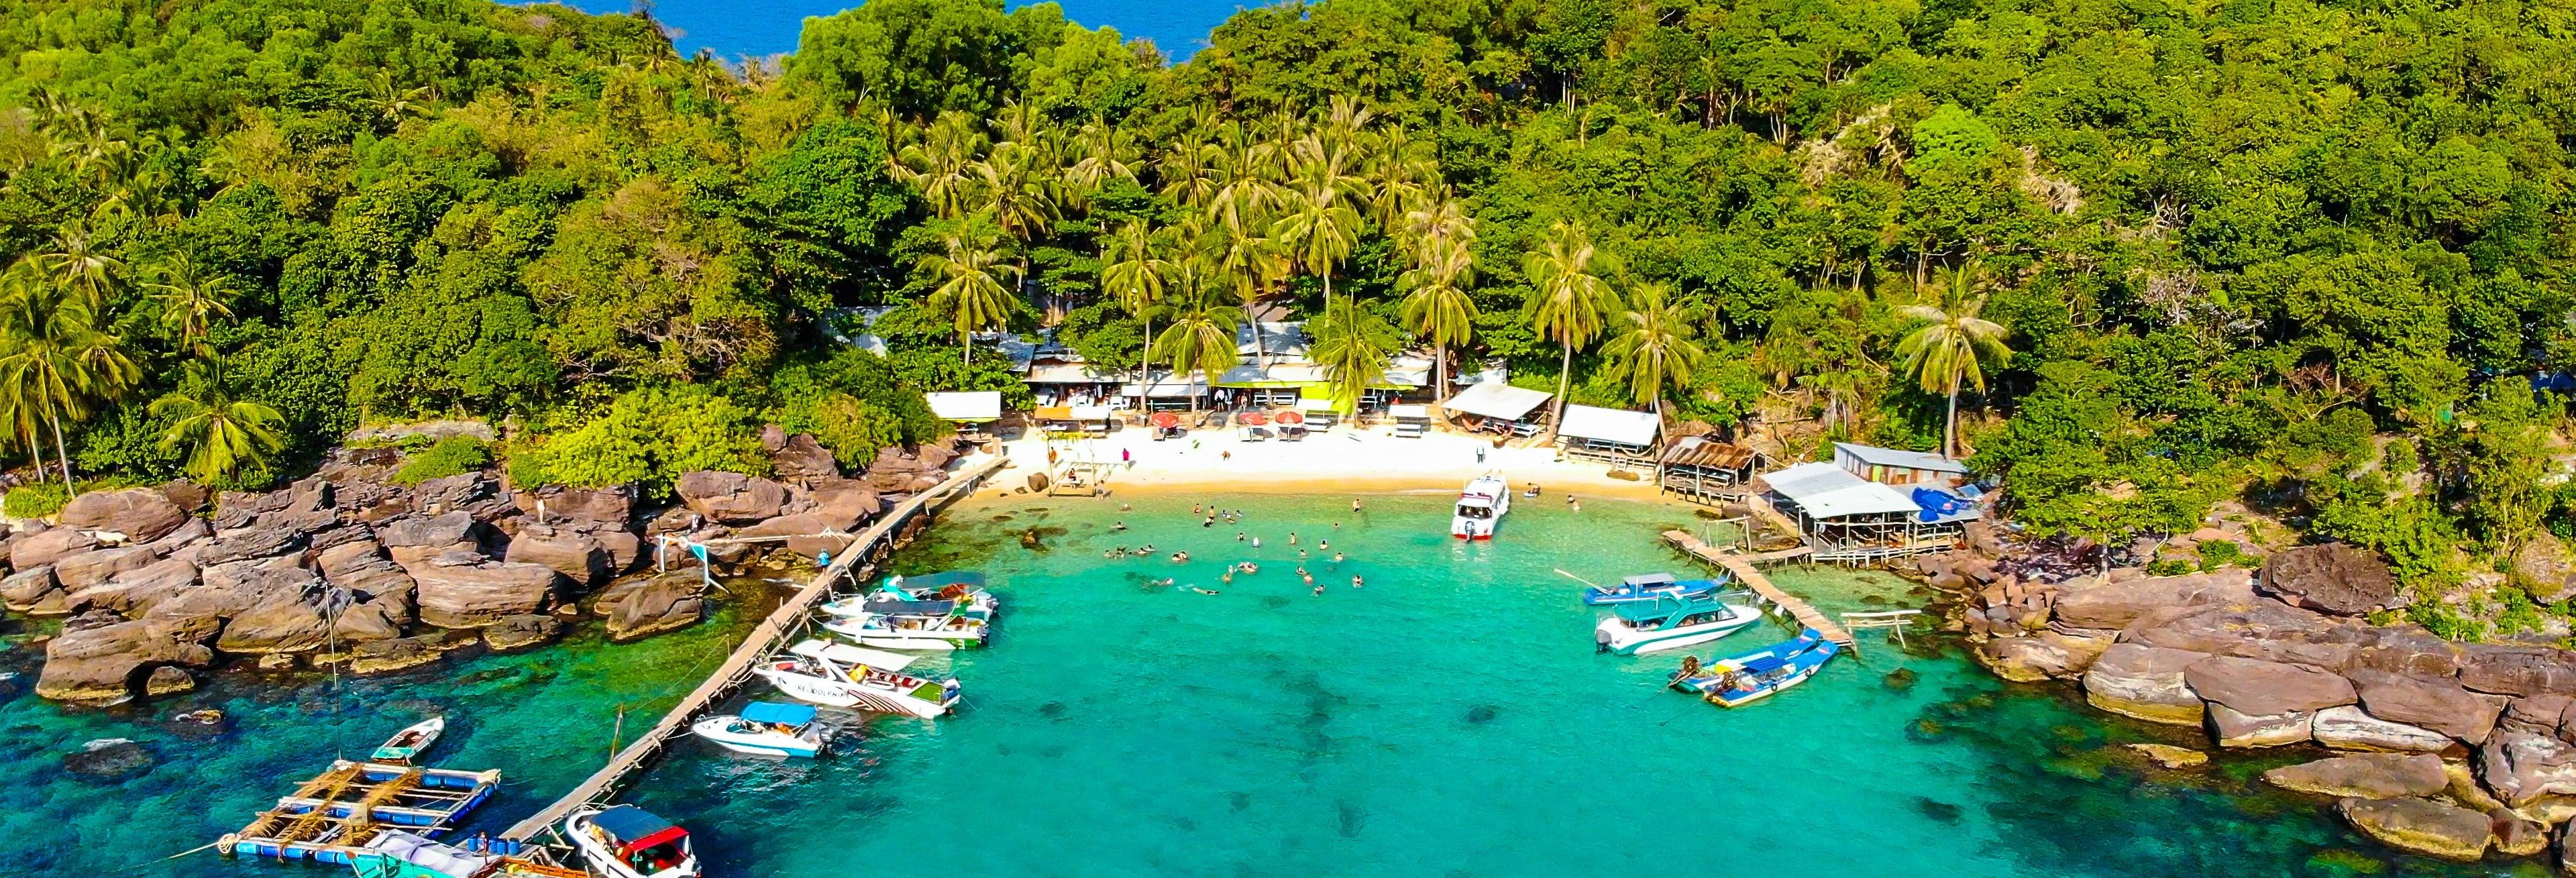 Excursão de 2 dias à ilha May Rut